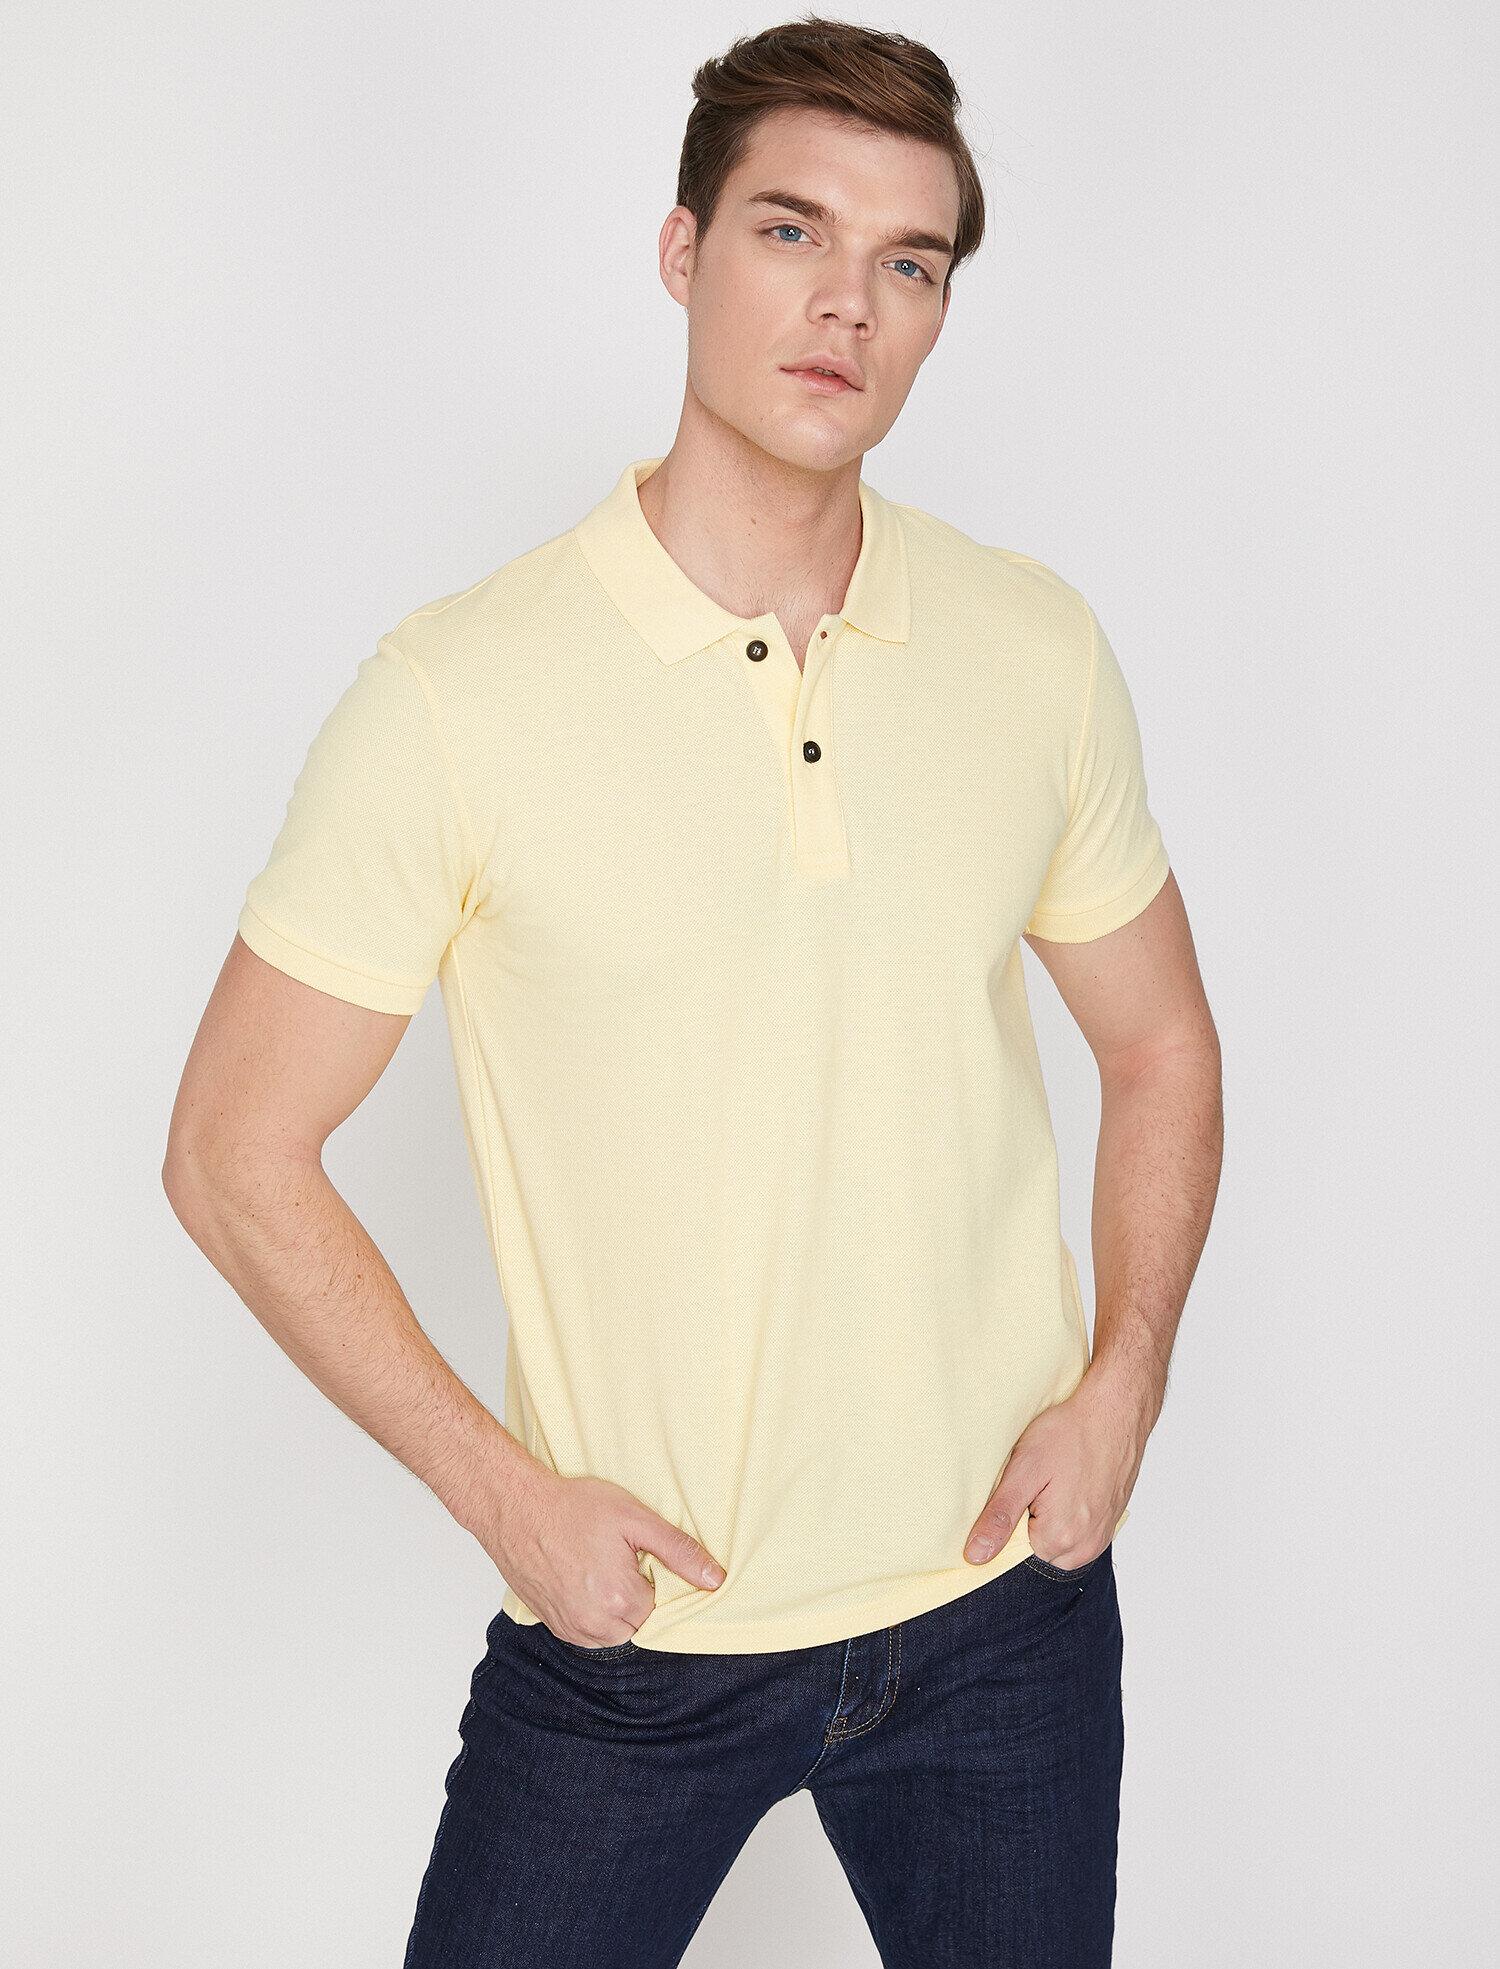 Koton Erkek Polo Yaka T-Shirt Sarı Ürün Resmi